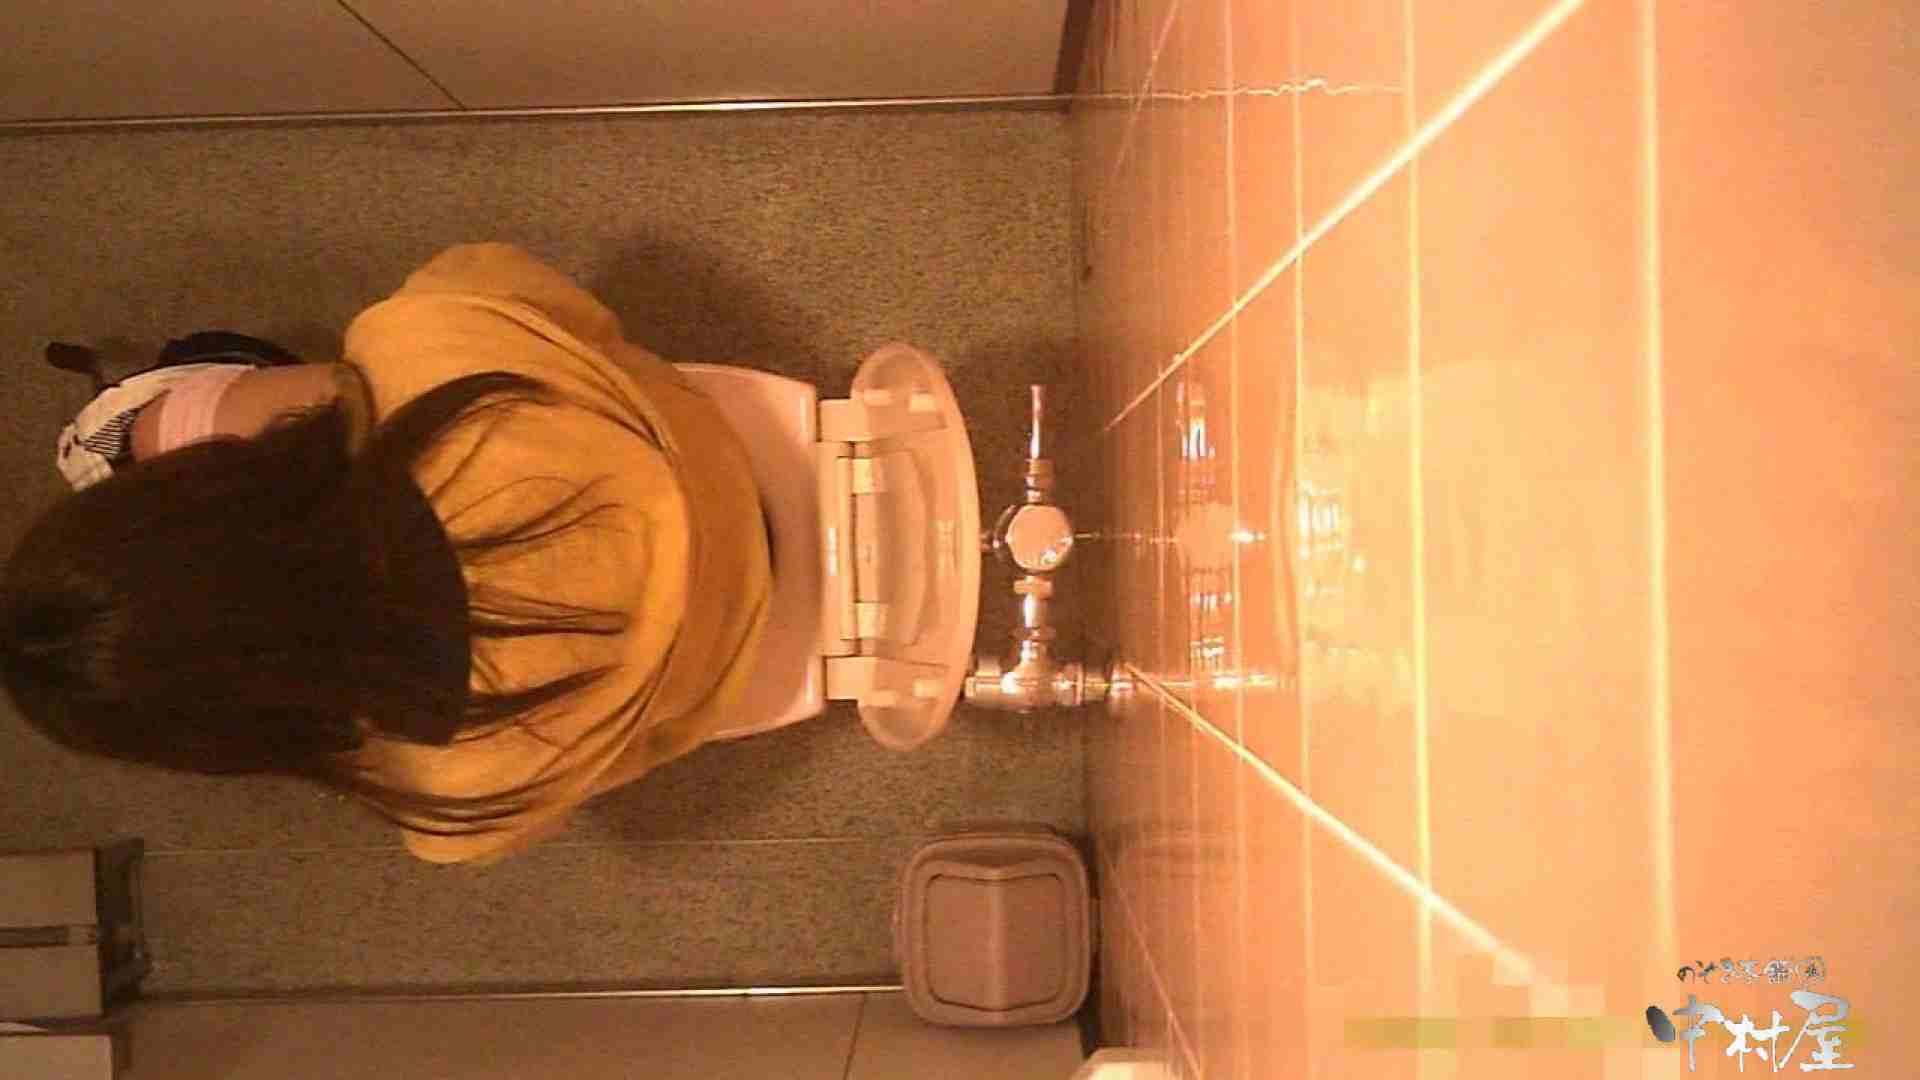 初盗撮!女盗撮師カレンさんの 潜入!女子トイレ盗撮!Vol.5 美女 | 女子トイレ  99画像 16